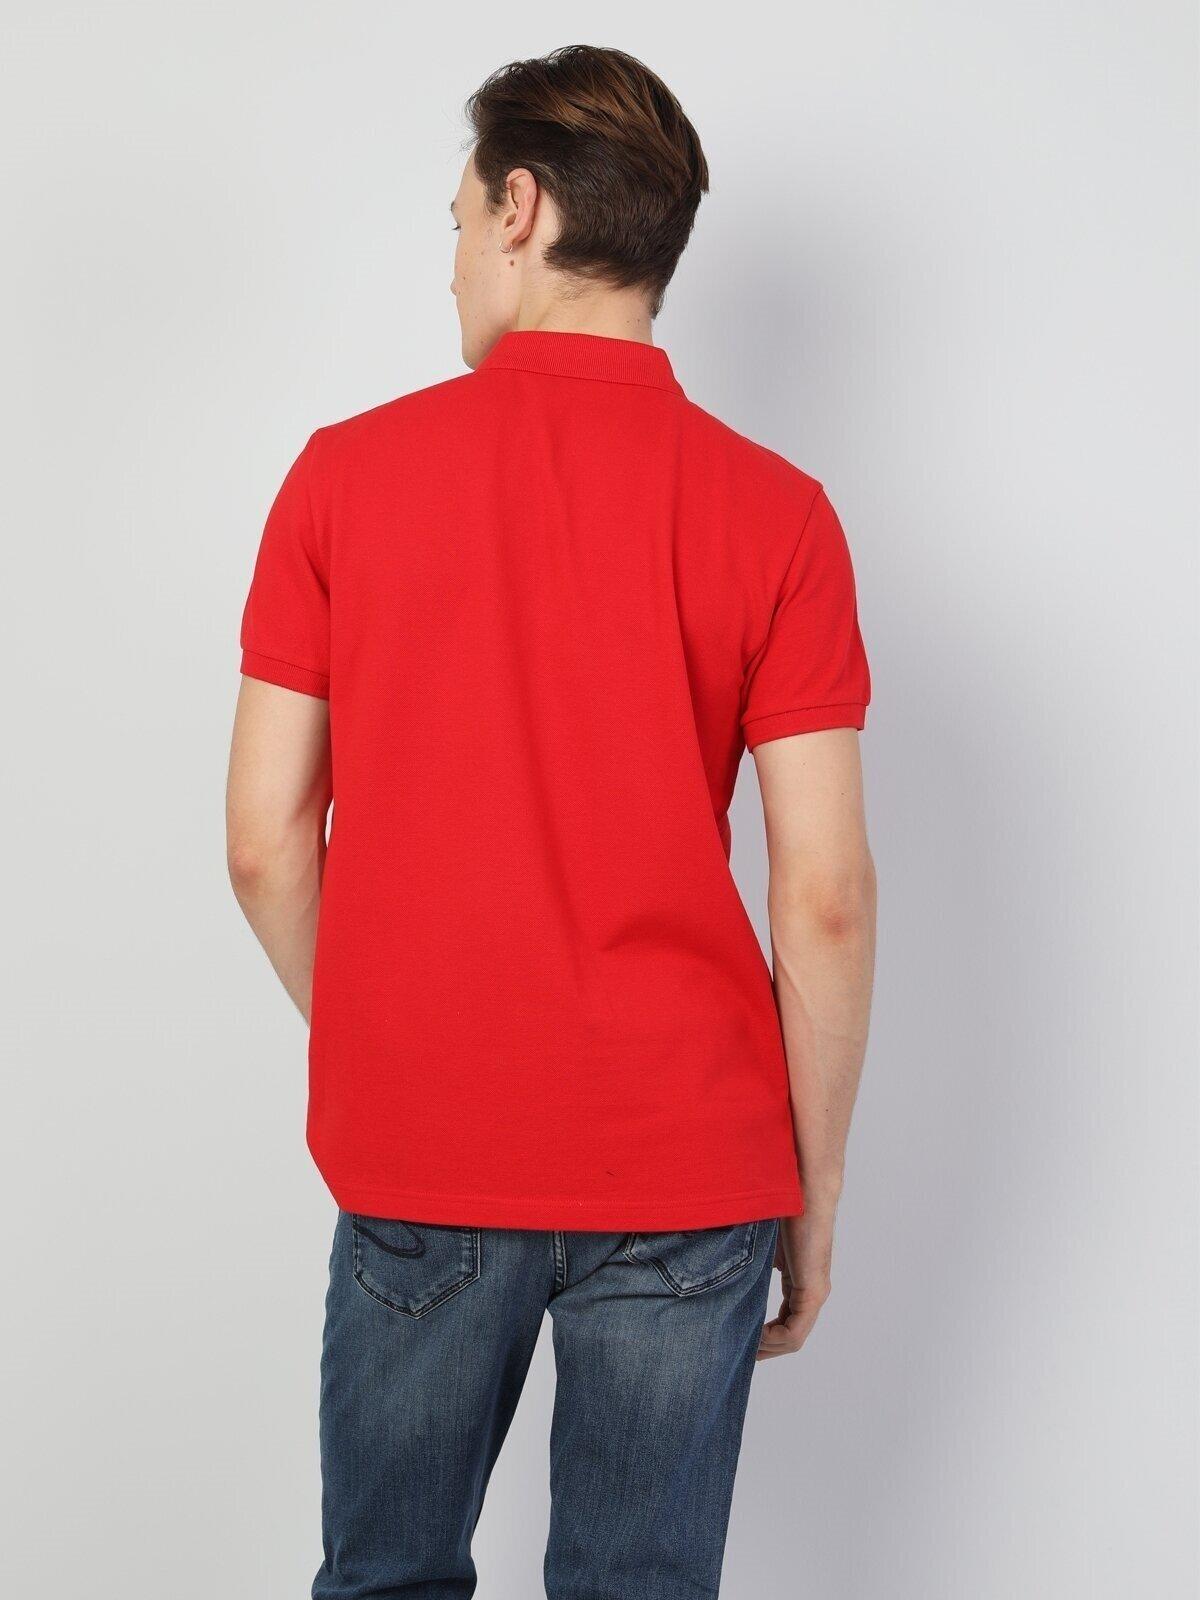 Regular Fit Polo Yaka Kırmızı Erkek Kısa Kol Tişört